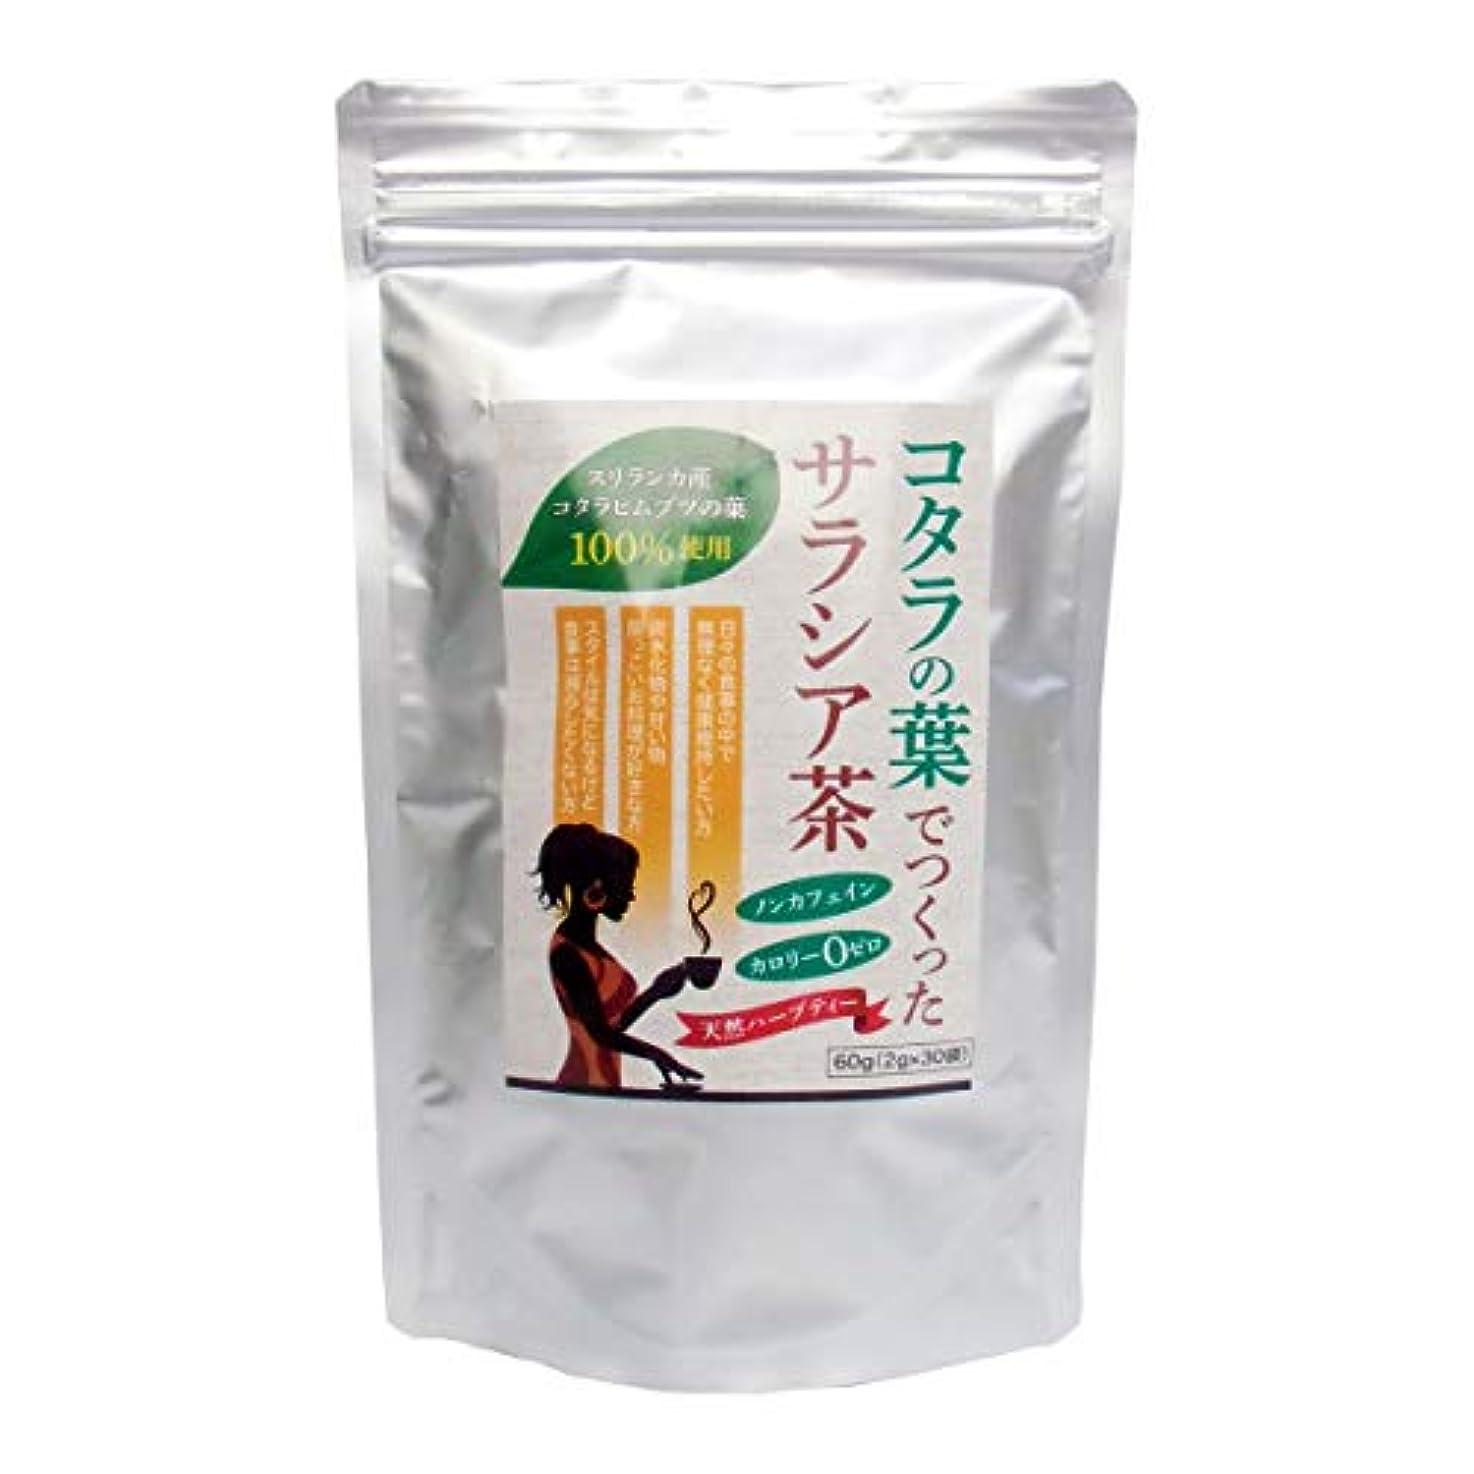 緩やかな犯罪別々に【初回限定お試し価格】コタラの葉でつくったサラシア茶 (茶葉タイプ) 60g (2g×30袋)